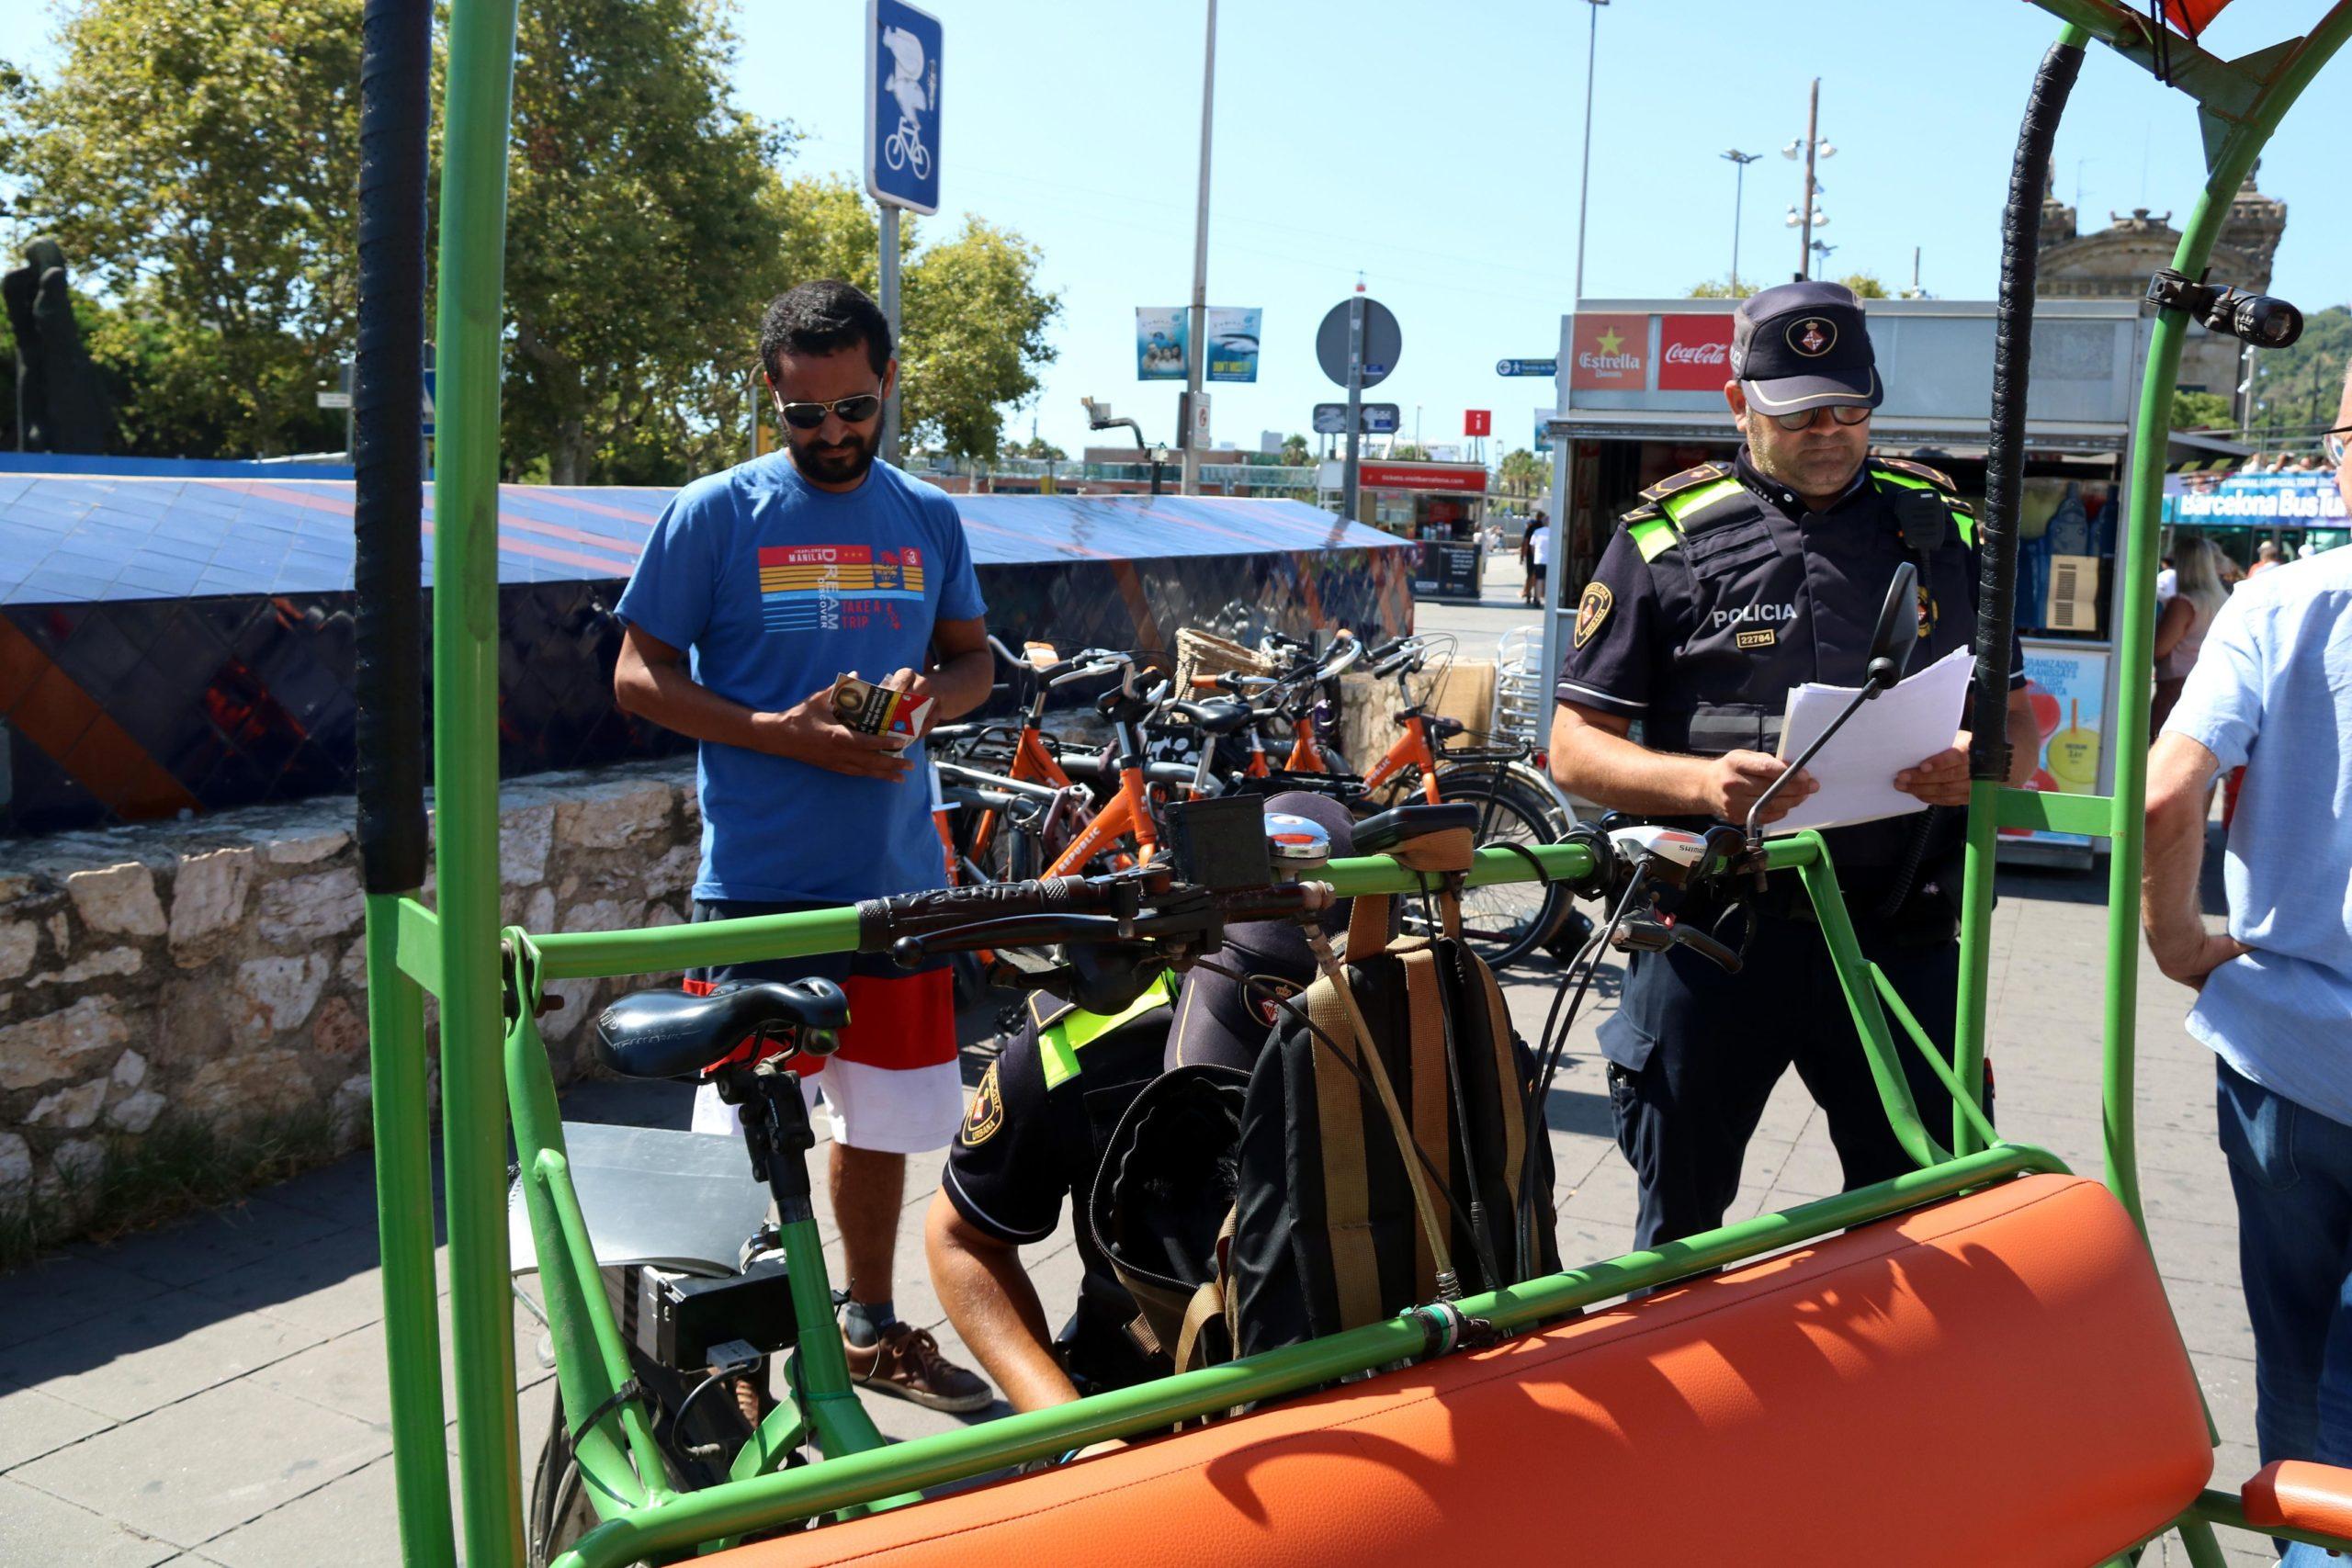 Un agent de la Guàrdia Urbana revisant els papers d'un bicitaxi / ACN - Elisenda Rosanas